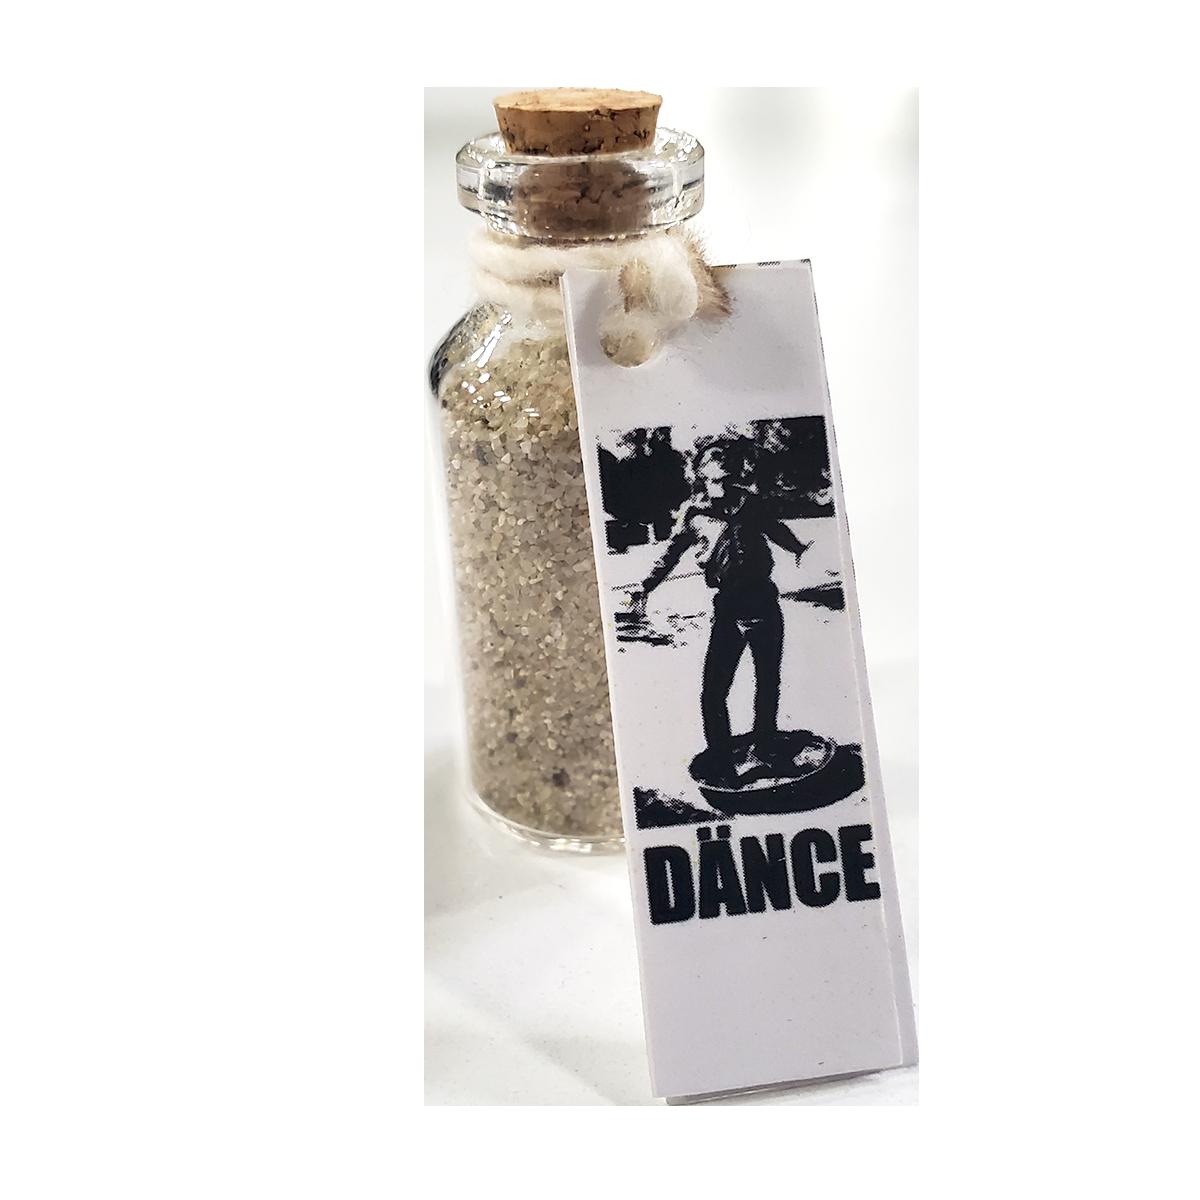 DANCE ON SANDS VIALS